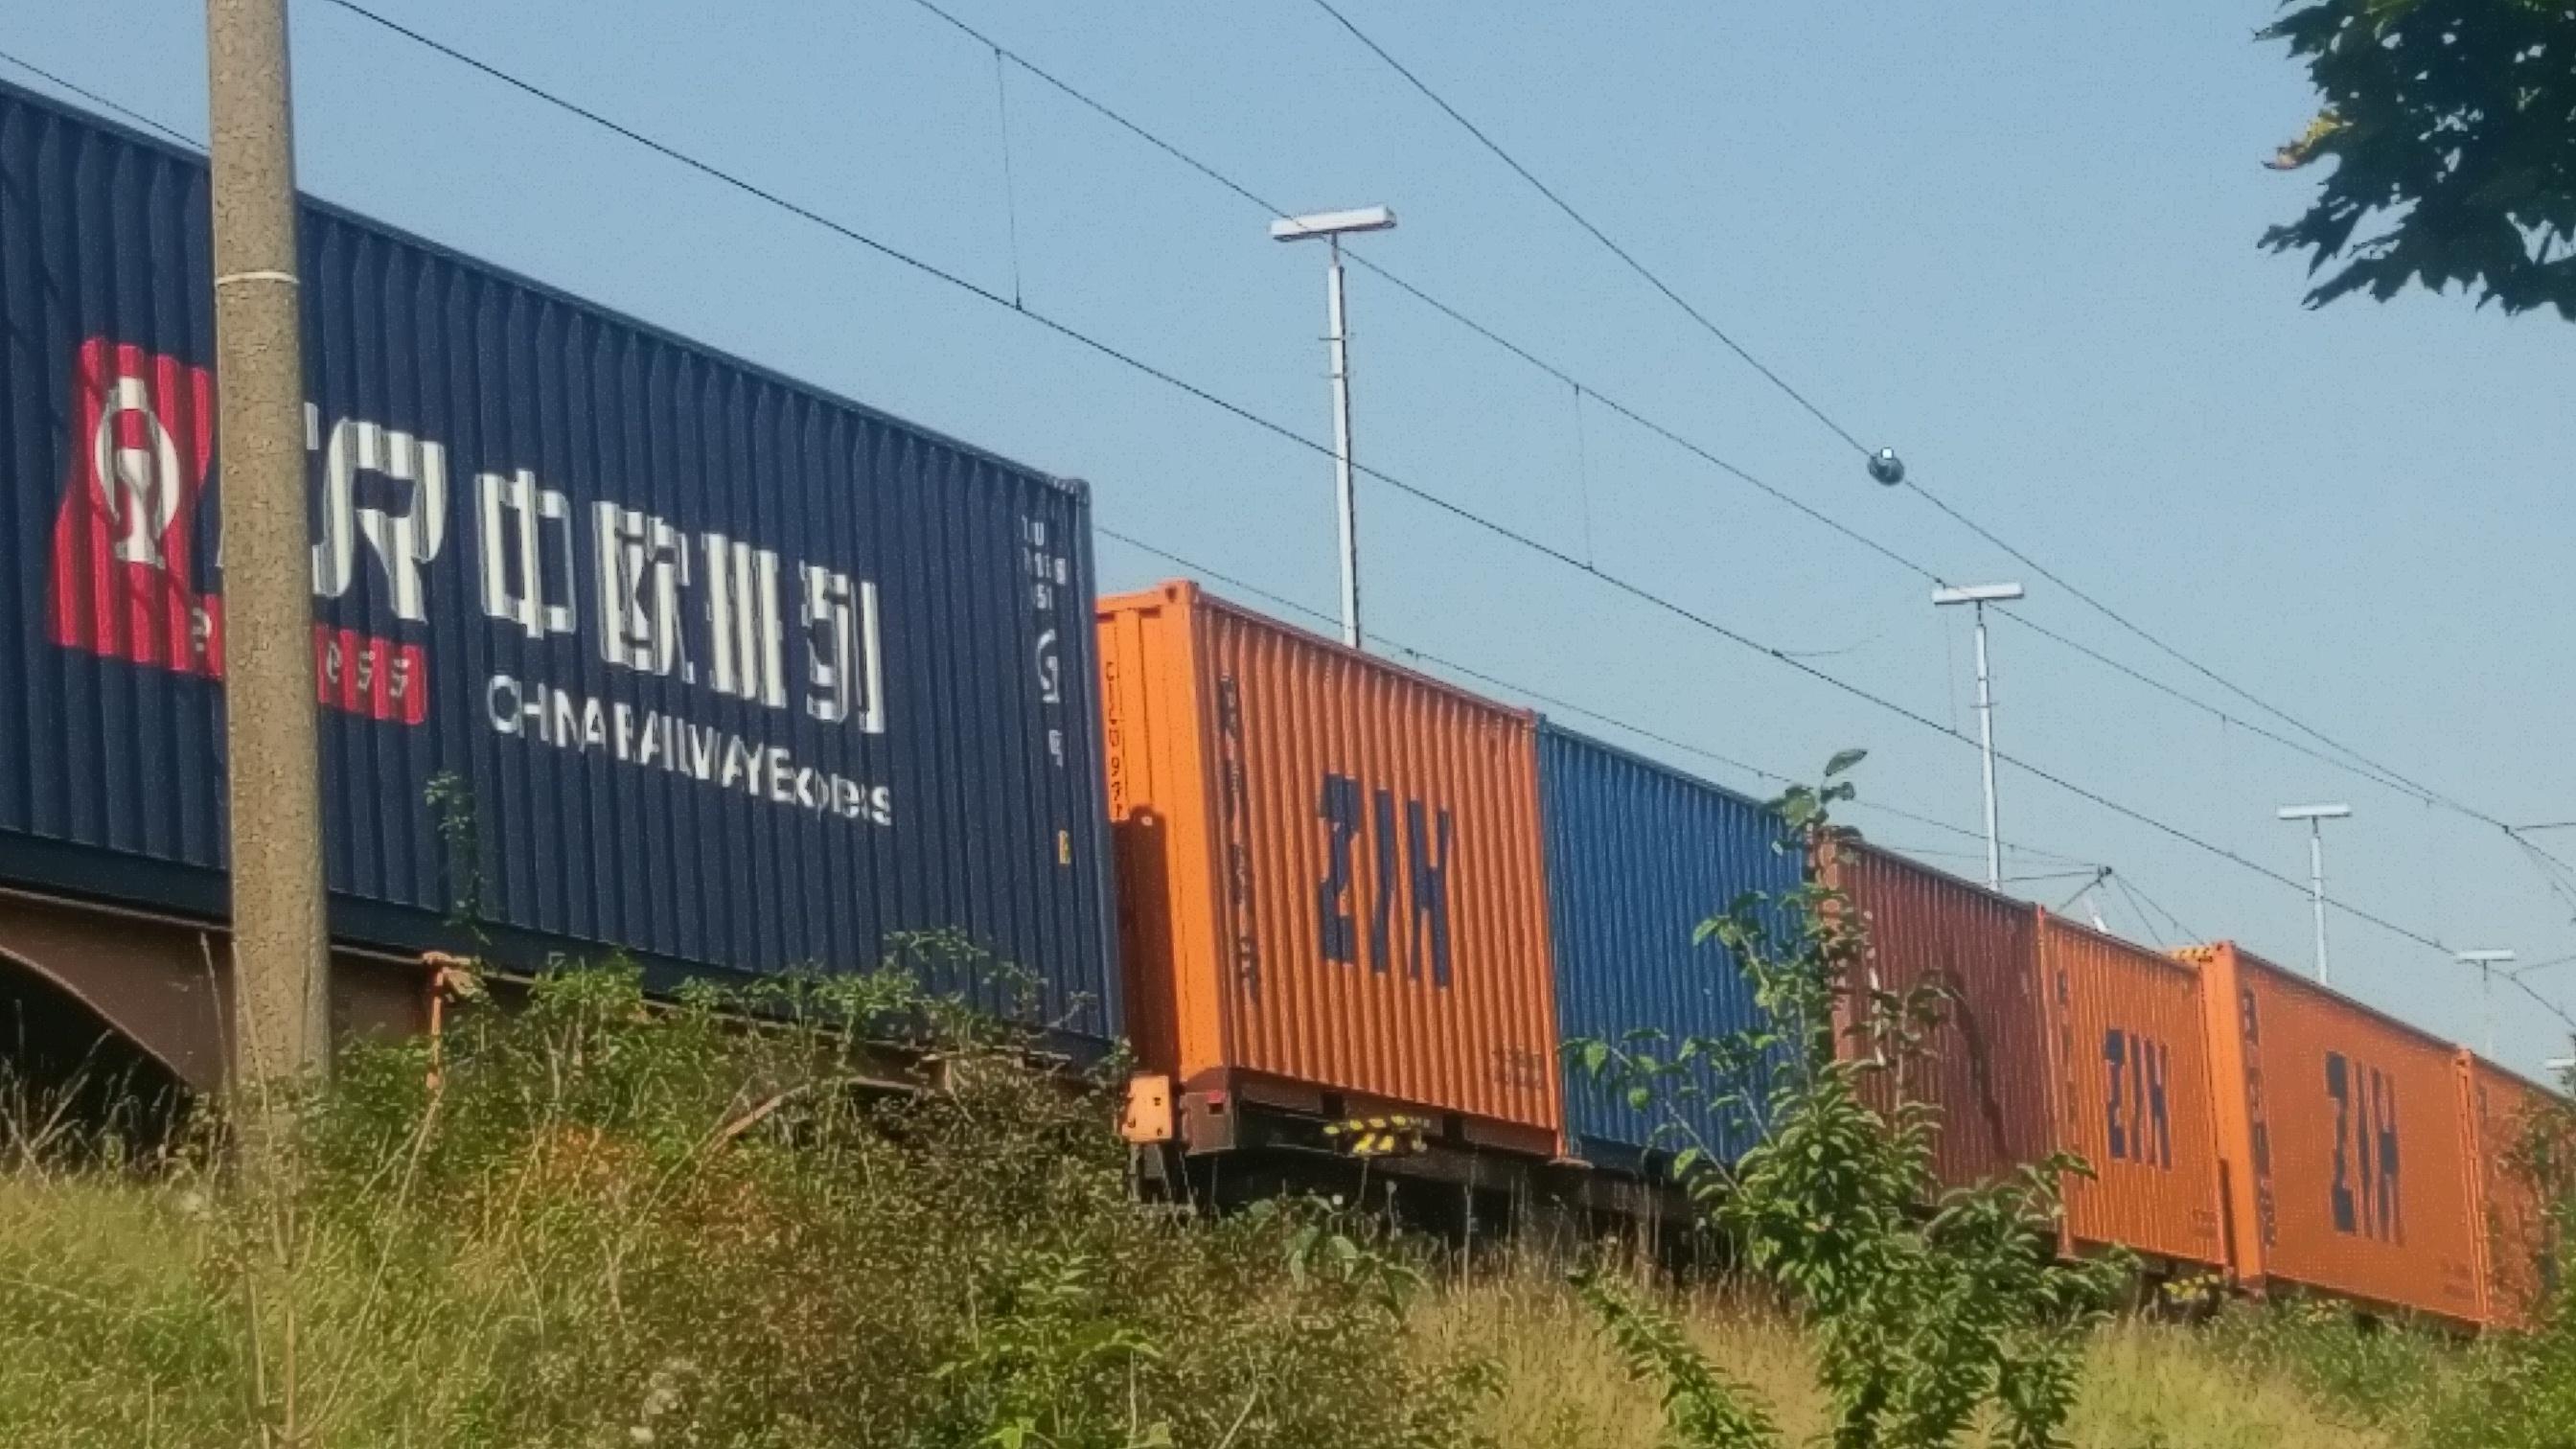 Zug mit China-Containern. Attraktive Transitzeiten mit dem China-Zug und Contibridge